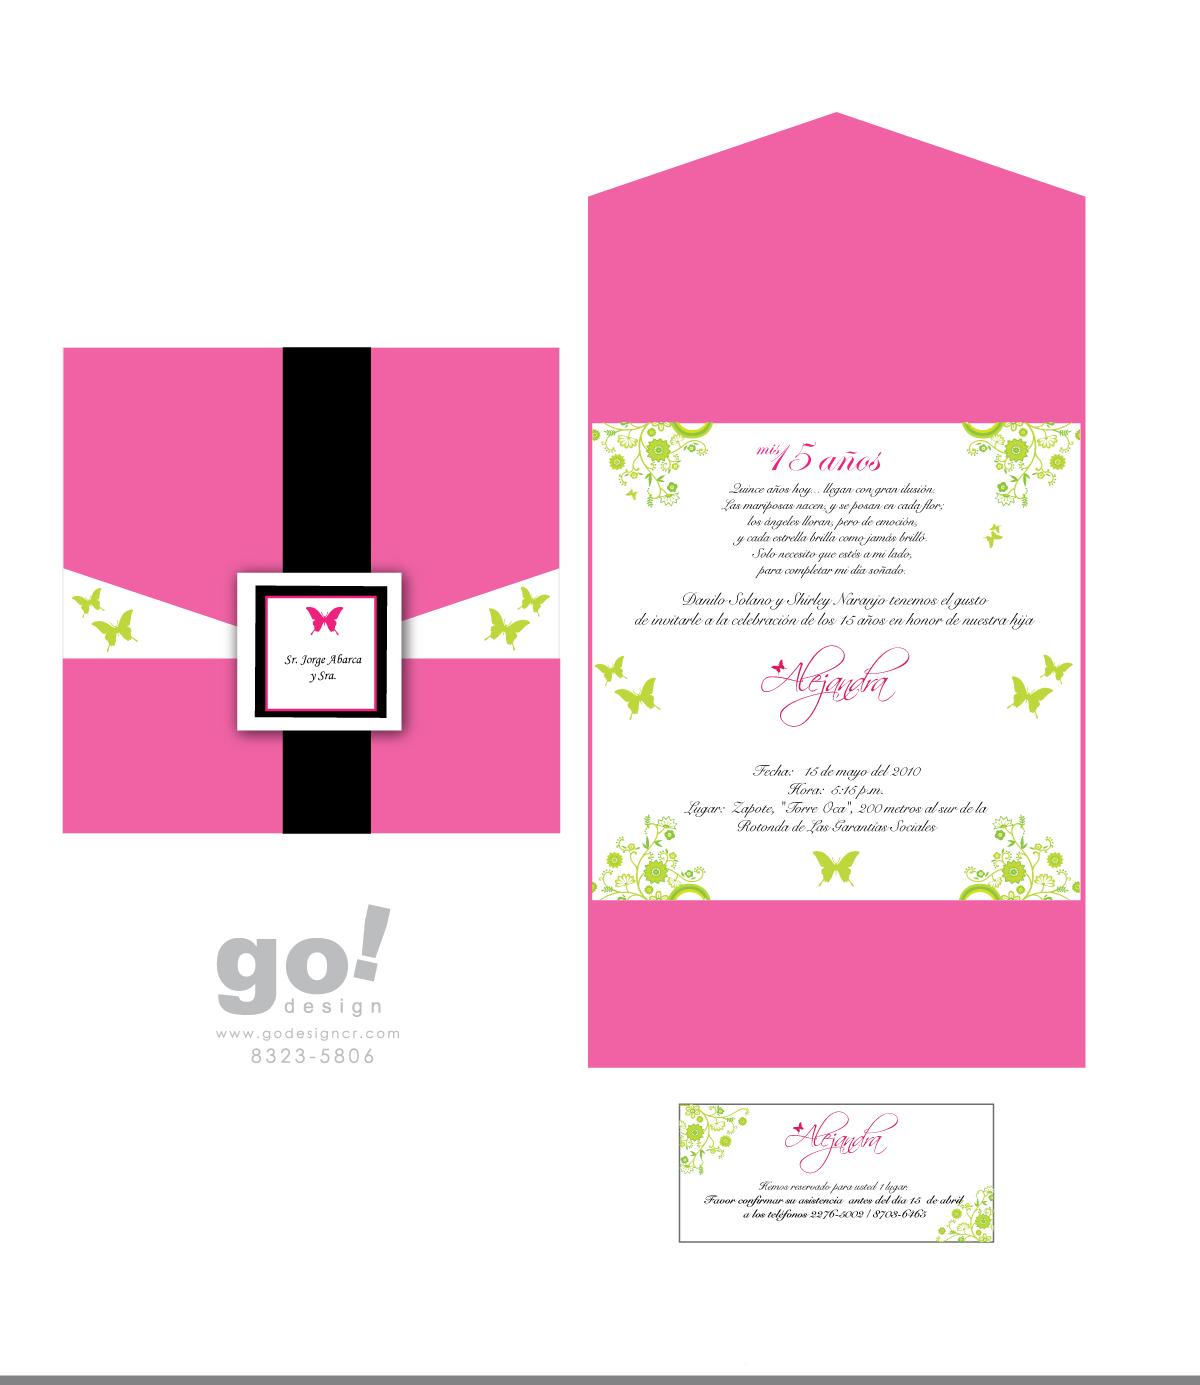 Elite Designs Press Tarjetas Invitaciones Boda Quince Aos